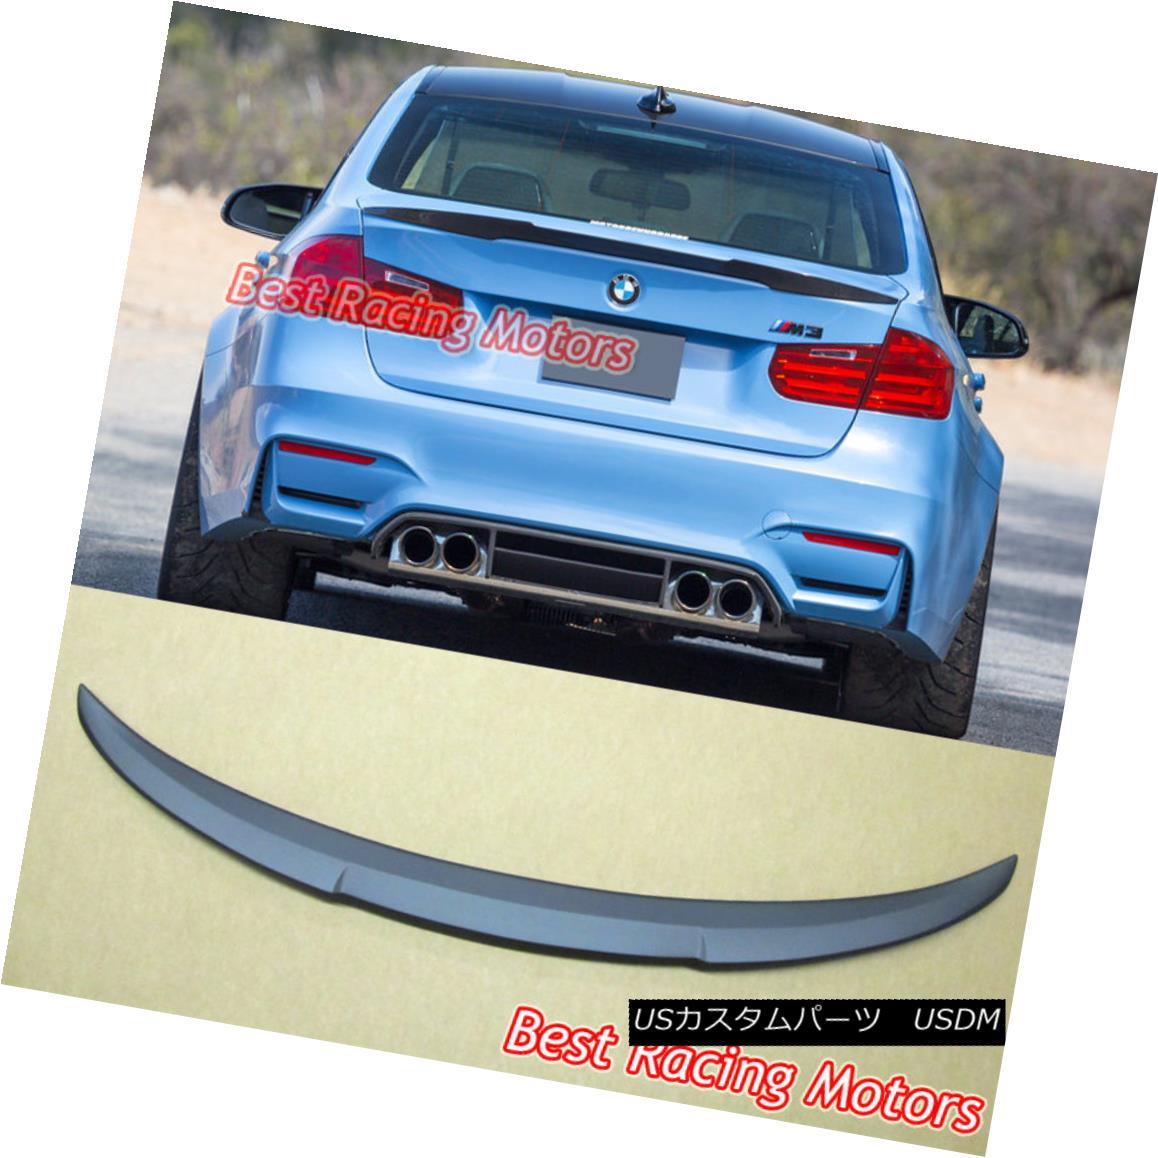 エアロパーツ M4 High Kick Style Trunk Spoiler (ABS) Fits 12-18 BMW F30 (3-Series) F80 (M3) M4ハイキックスタイルのトランク・スポイラー(ABS)が12-18 BMW F30(3シリーズ)F80(M3)に適合